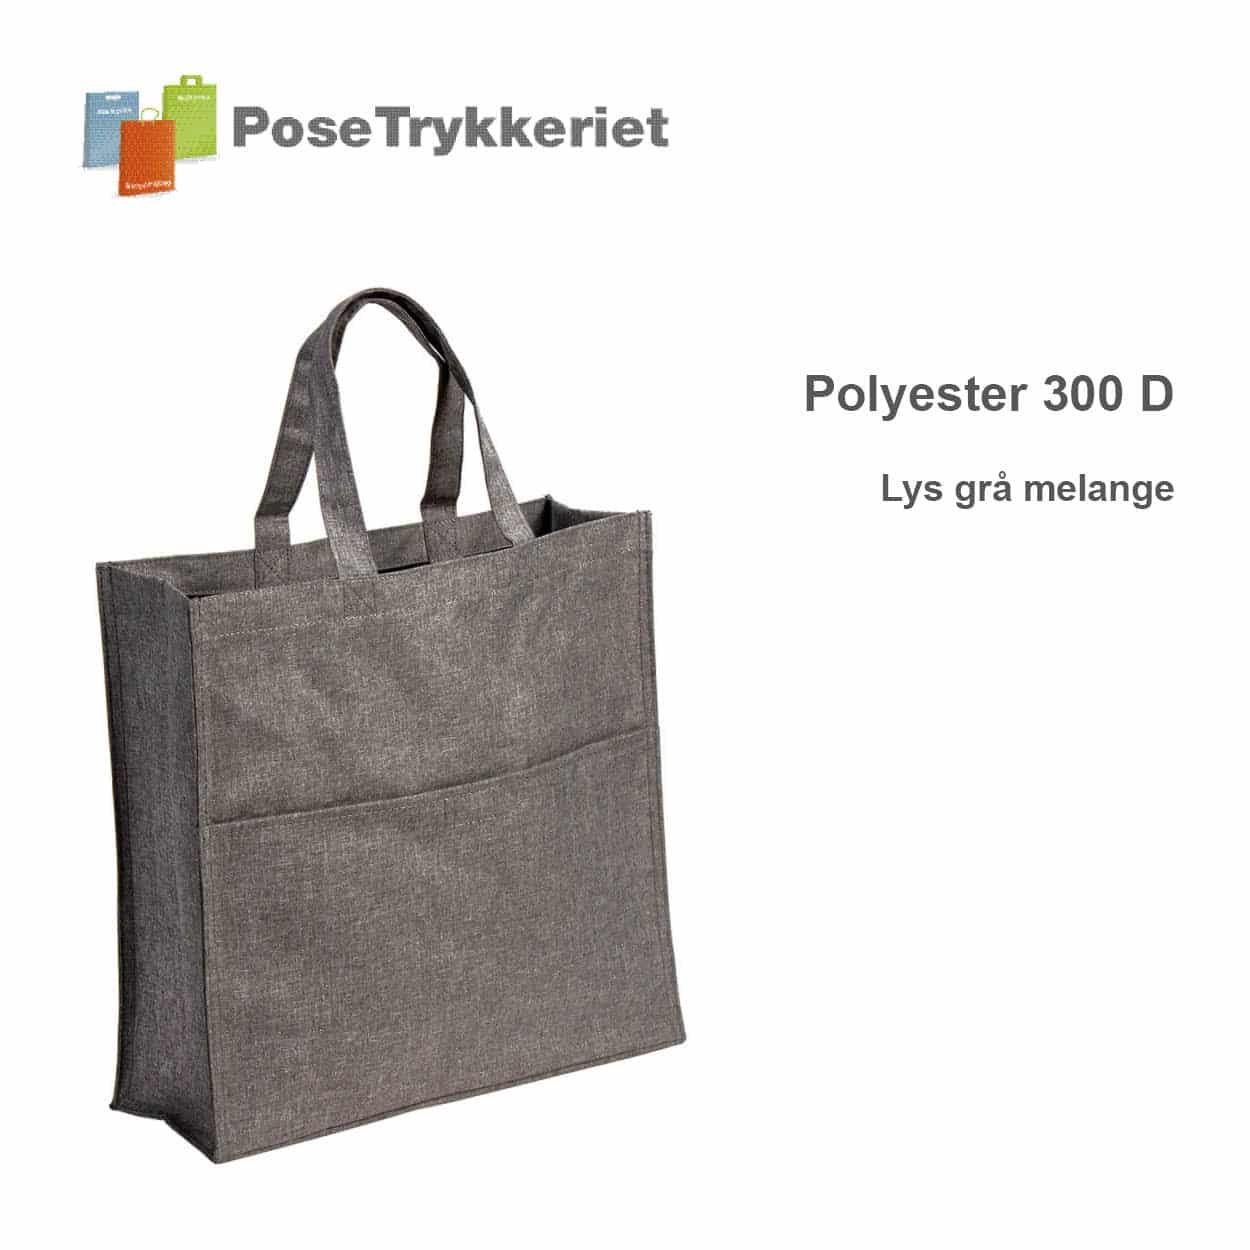 Revisor poser polyester 600D. Lys grå melange, PoseTrykkeriet.dk